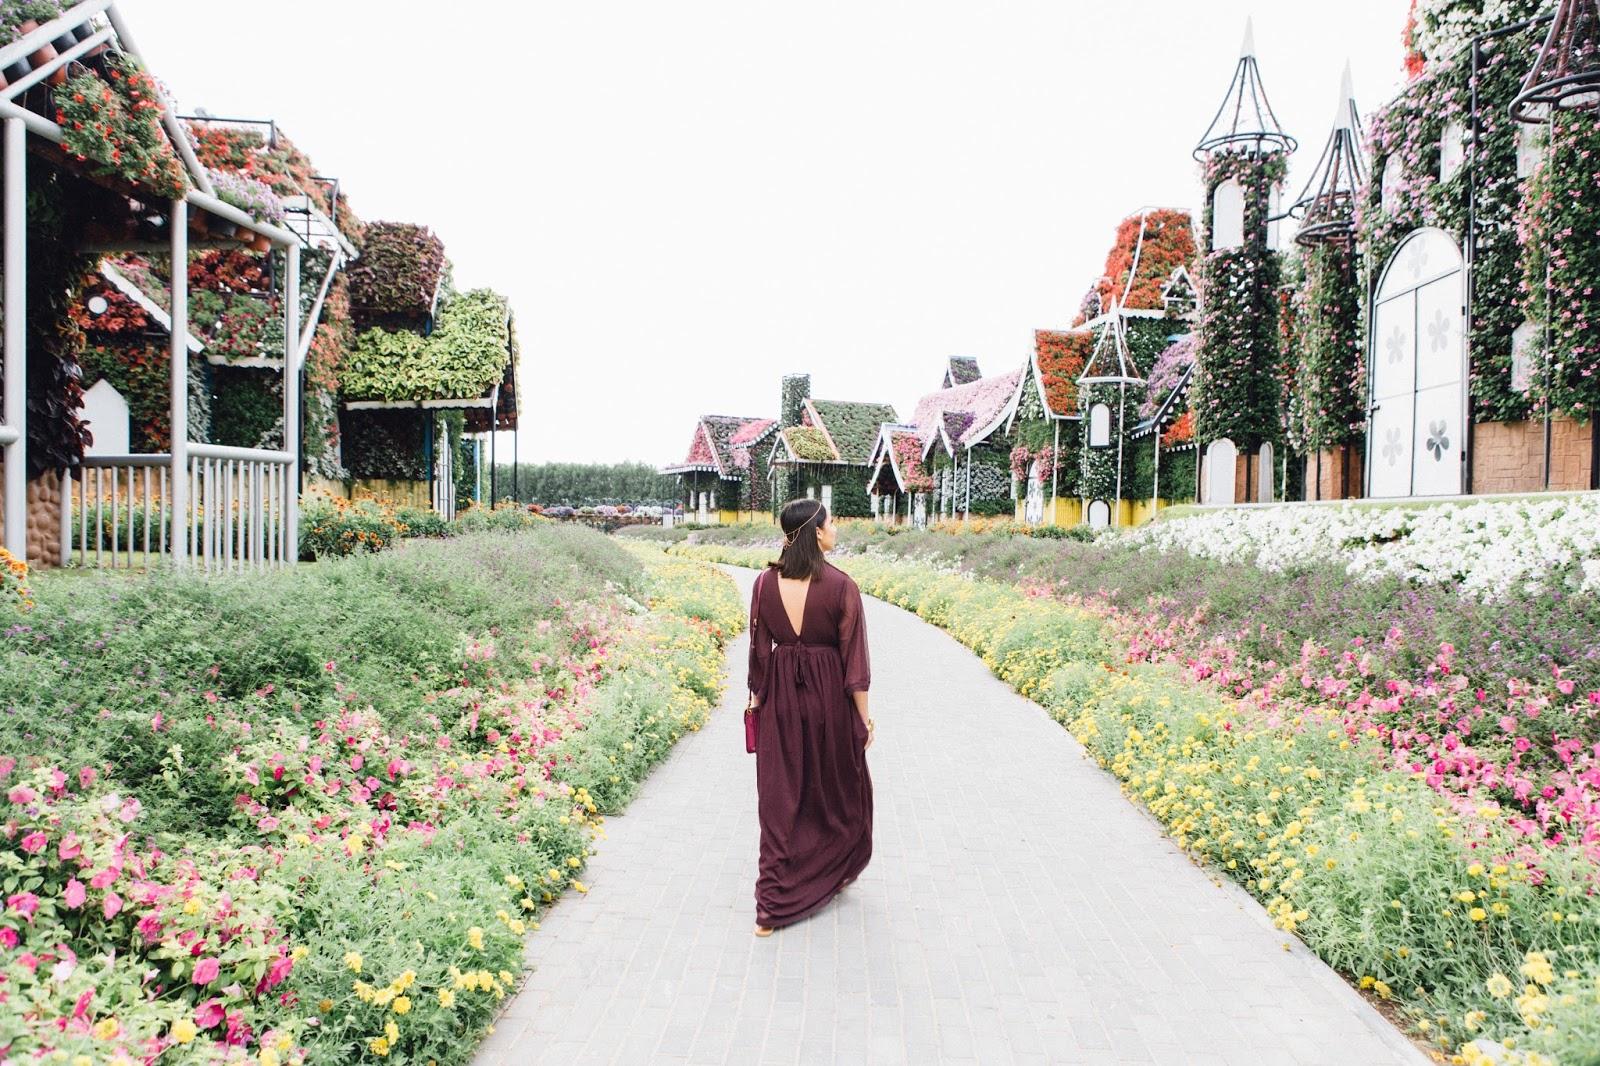 Dubai Photo Diary Day 4: Miracle Gardens & Souks - The